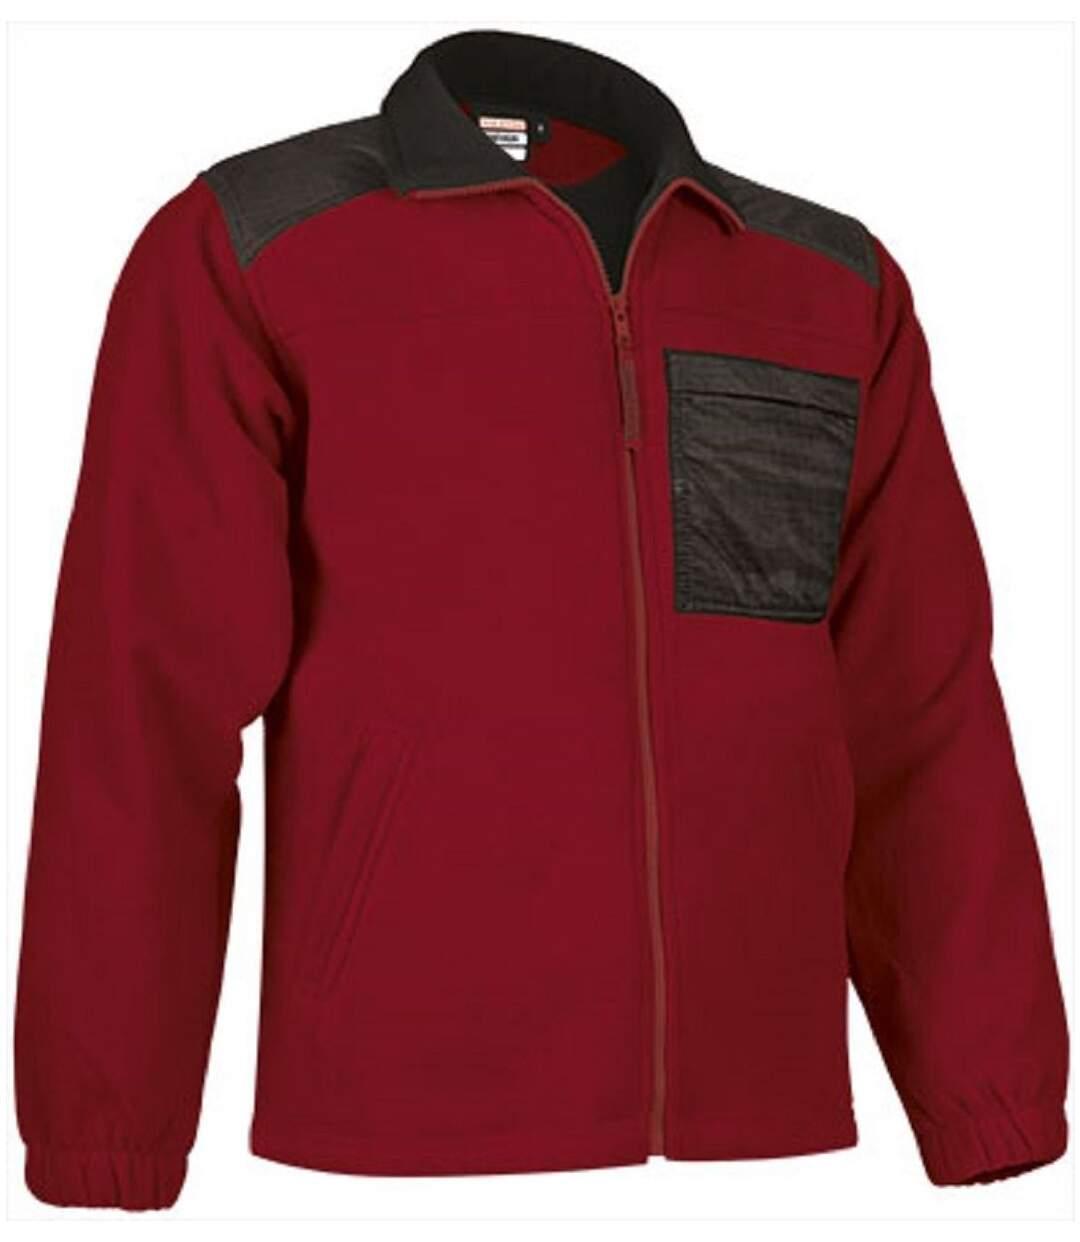 Veste polaire zippée - Homme - REF NEVADA - rouge